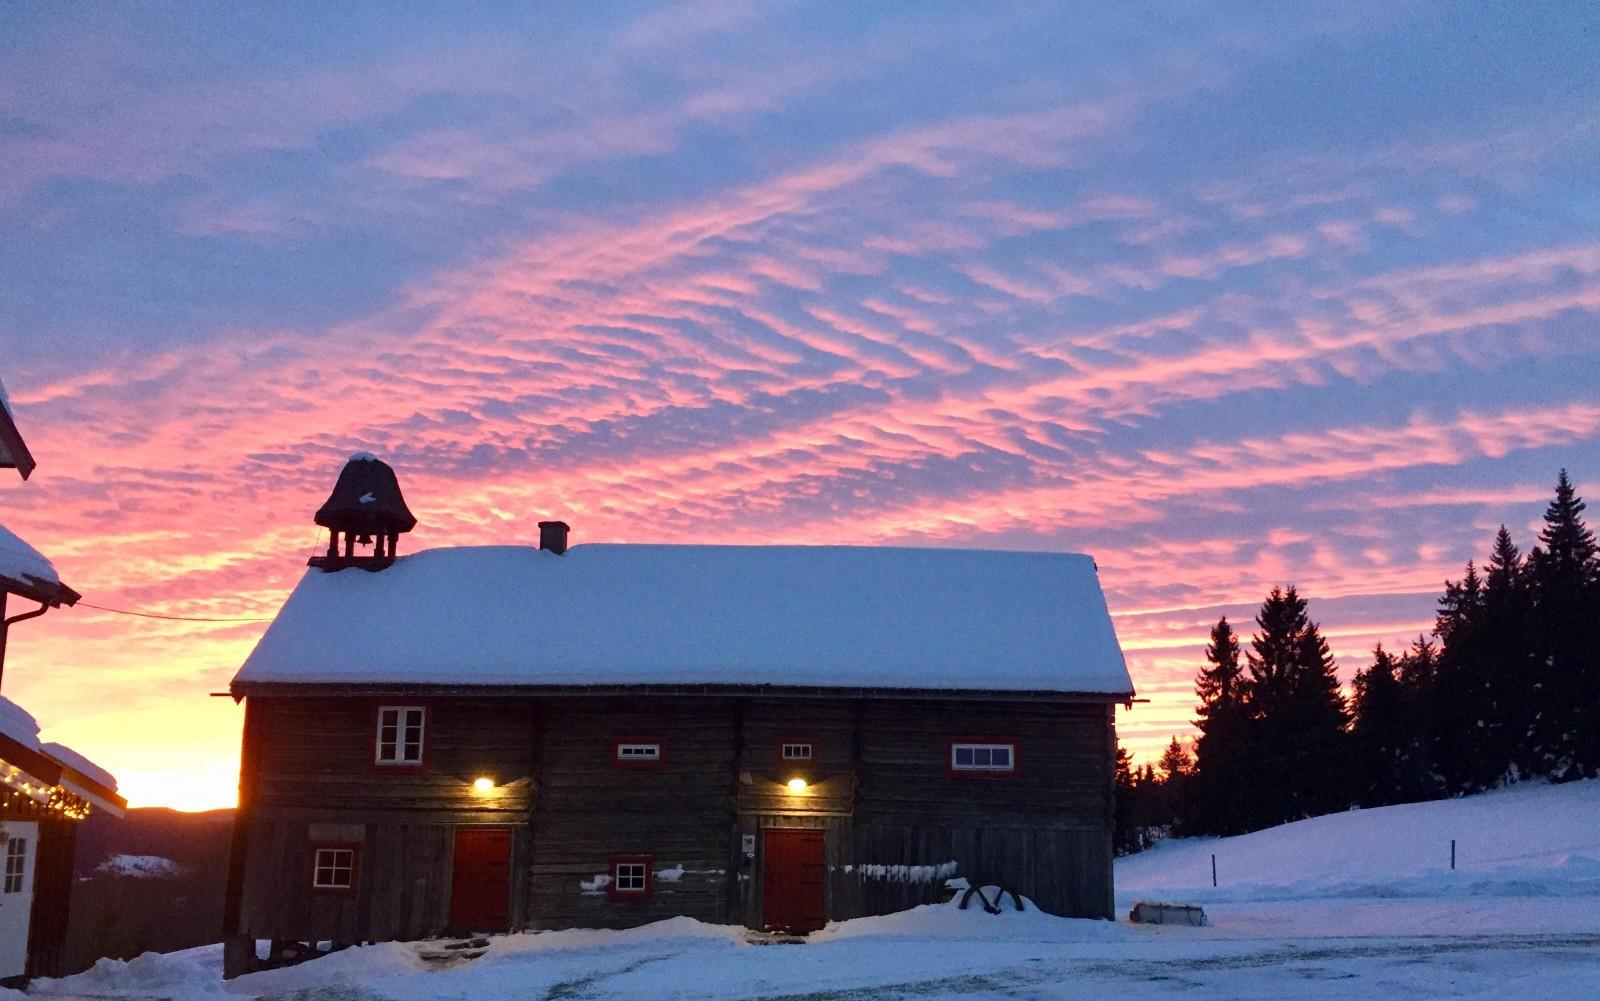 Spektakulær kveldshimmel ved utleie hytte Stabburet Ullsaker Panorama